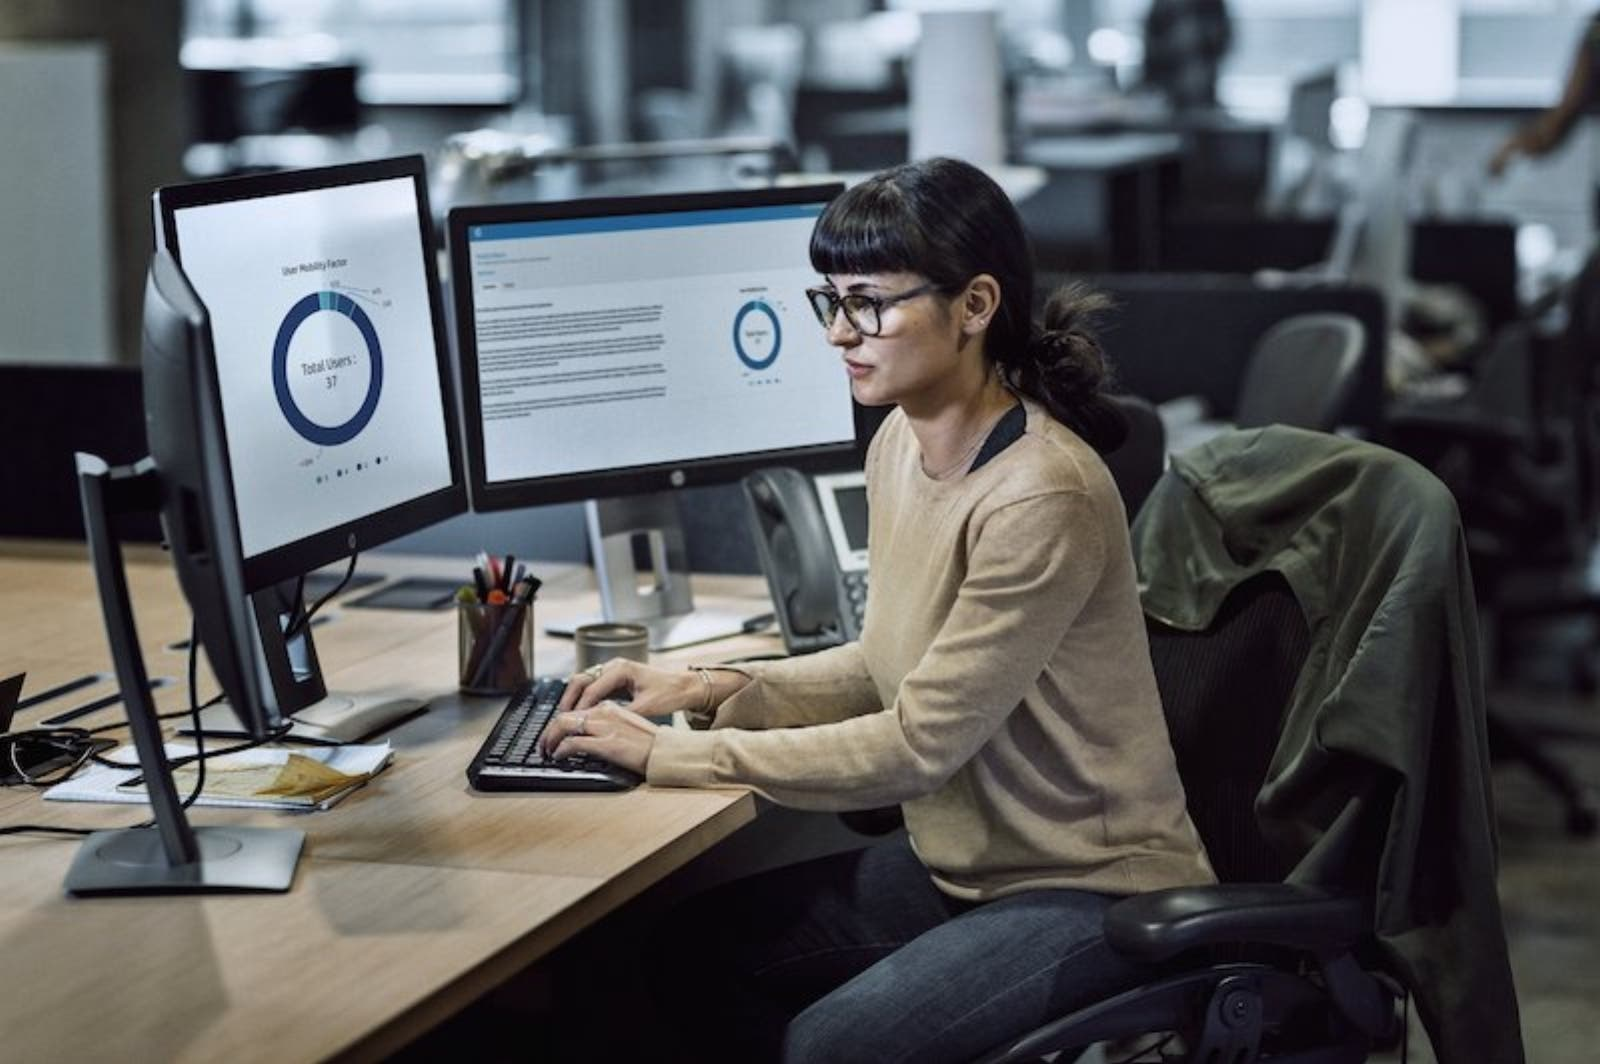 La ciberdelincuencia tiene  mayor frecuencia y más sofisticación